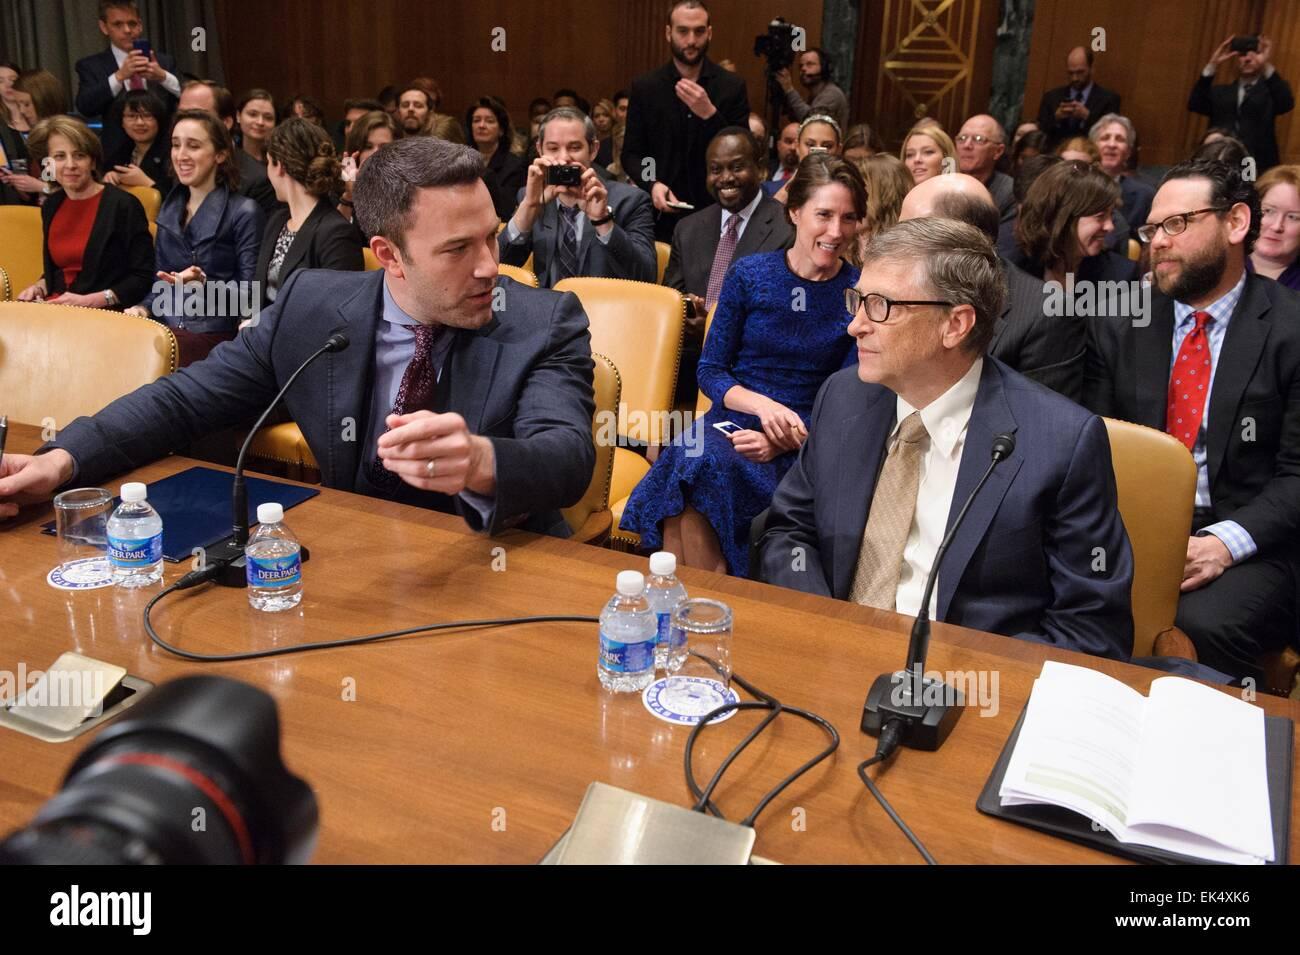 L'acteur Ben Affleck parle avec le fondateur de Microsoft Bill Gates avant de venir témoigner à l'audience Photo Stock